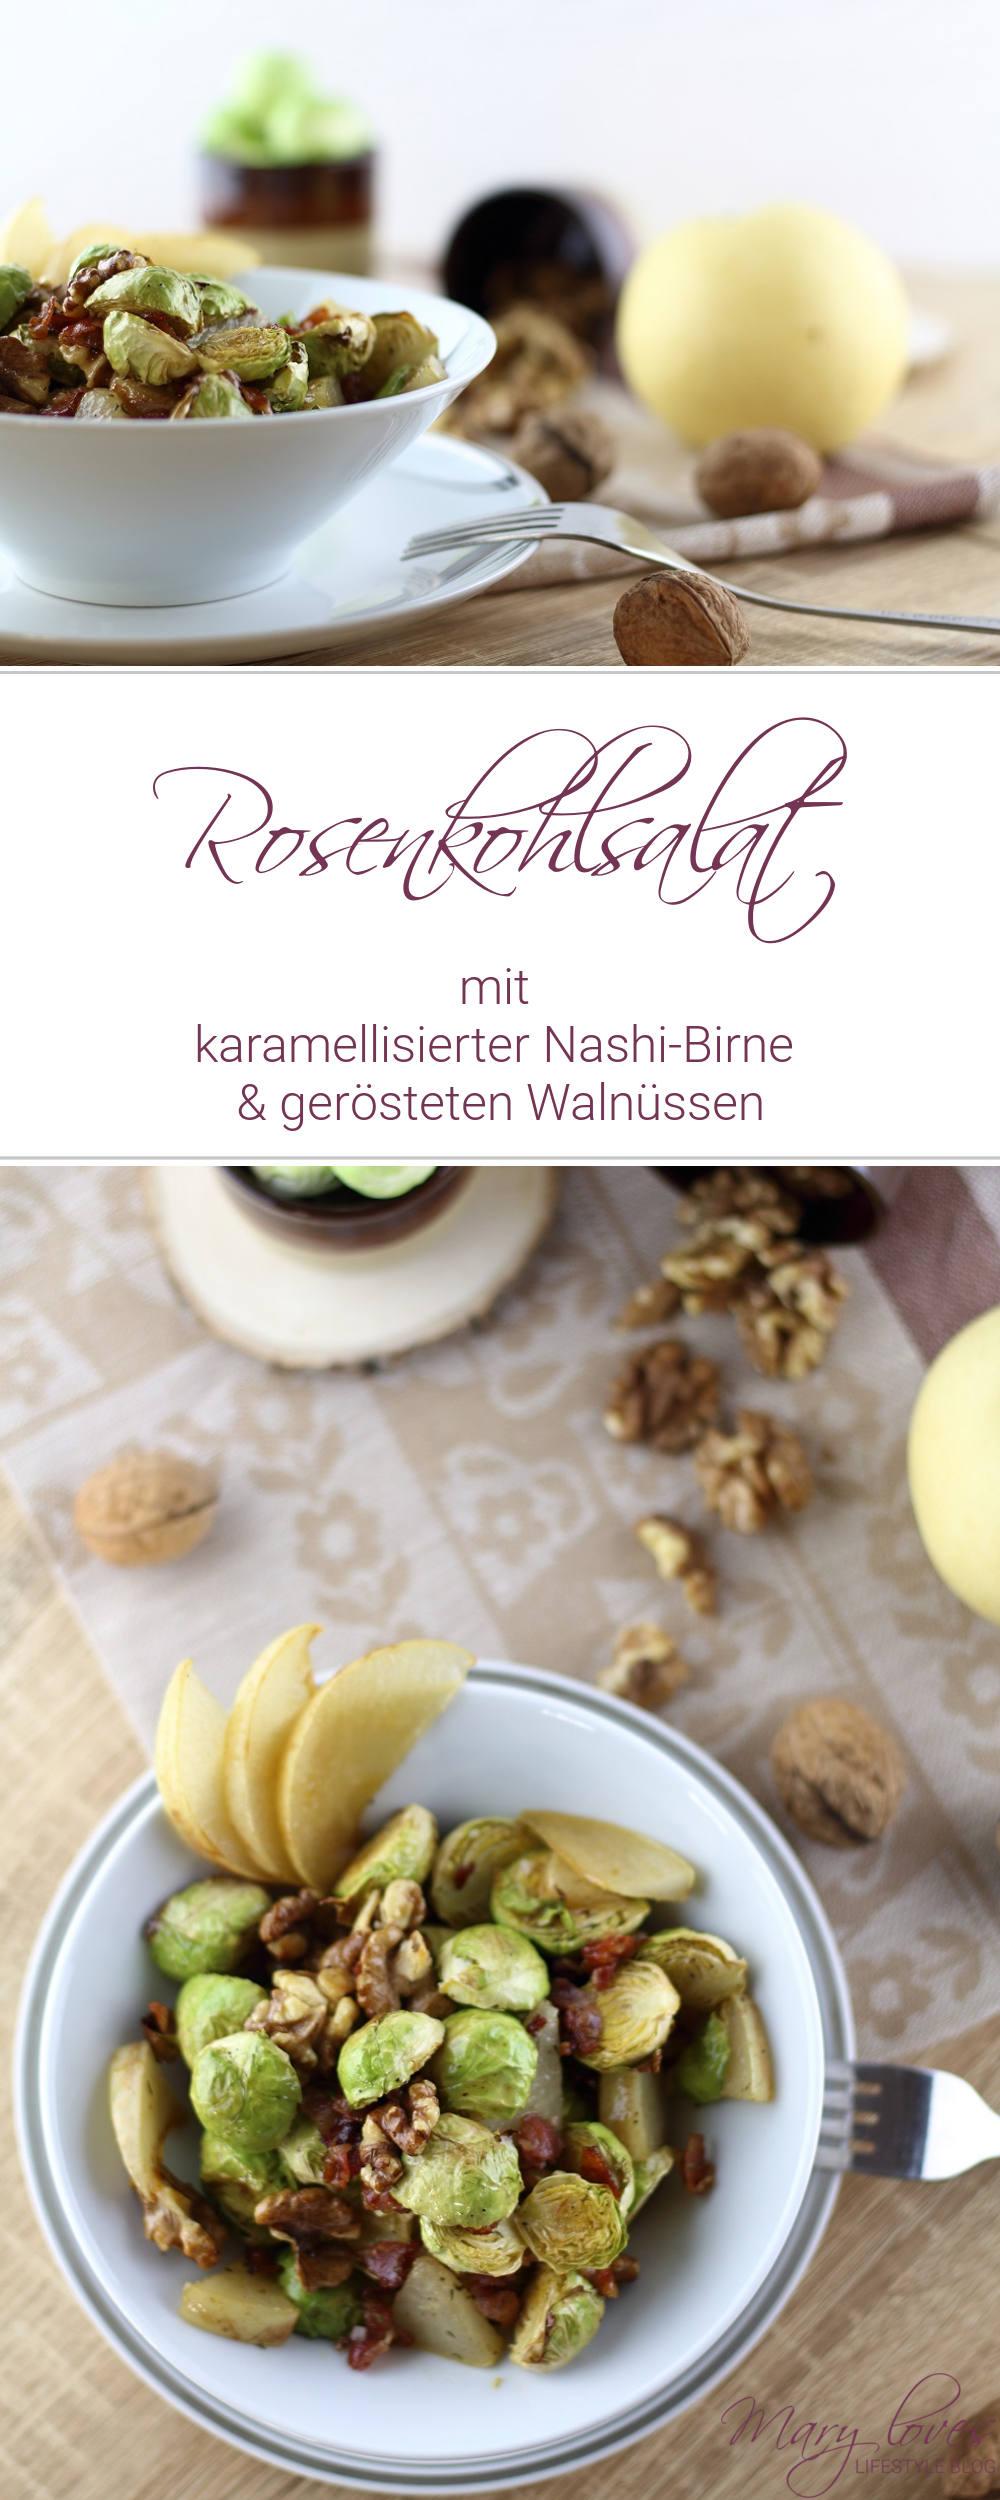 Winterrezept - Rosenkohlsalat mit karamellisierter Nashi-Birne & gerösteten Walnüssen - #rosenkohl #rosenkohlsalat #wintersalat